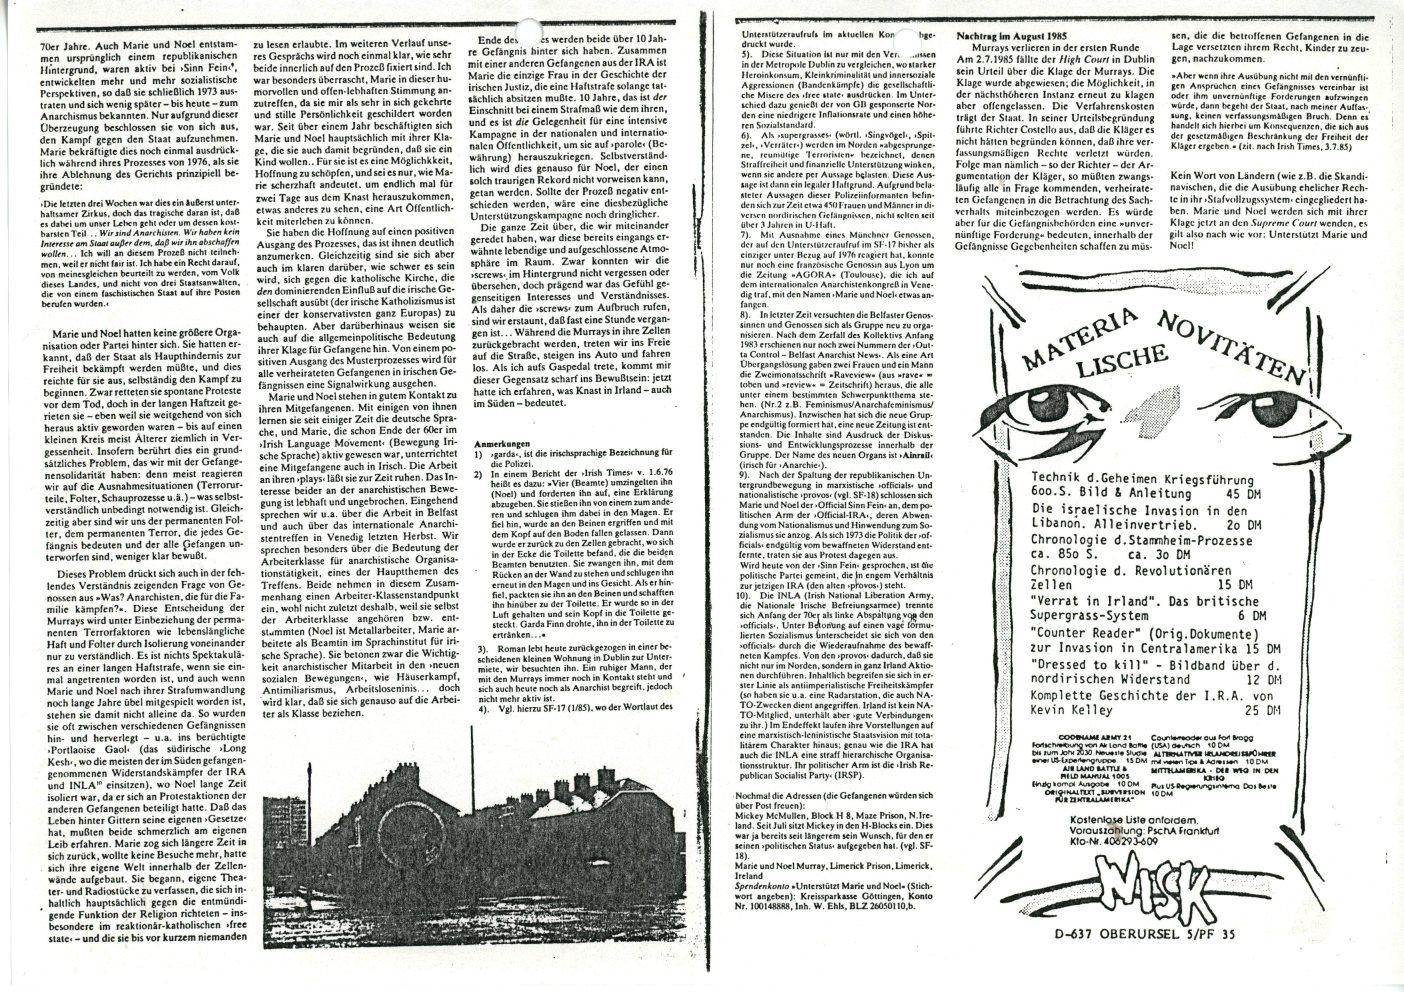 Freiburg_Nordirland_Reader_1988_31